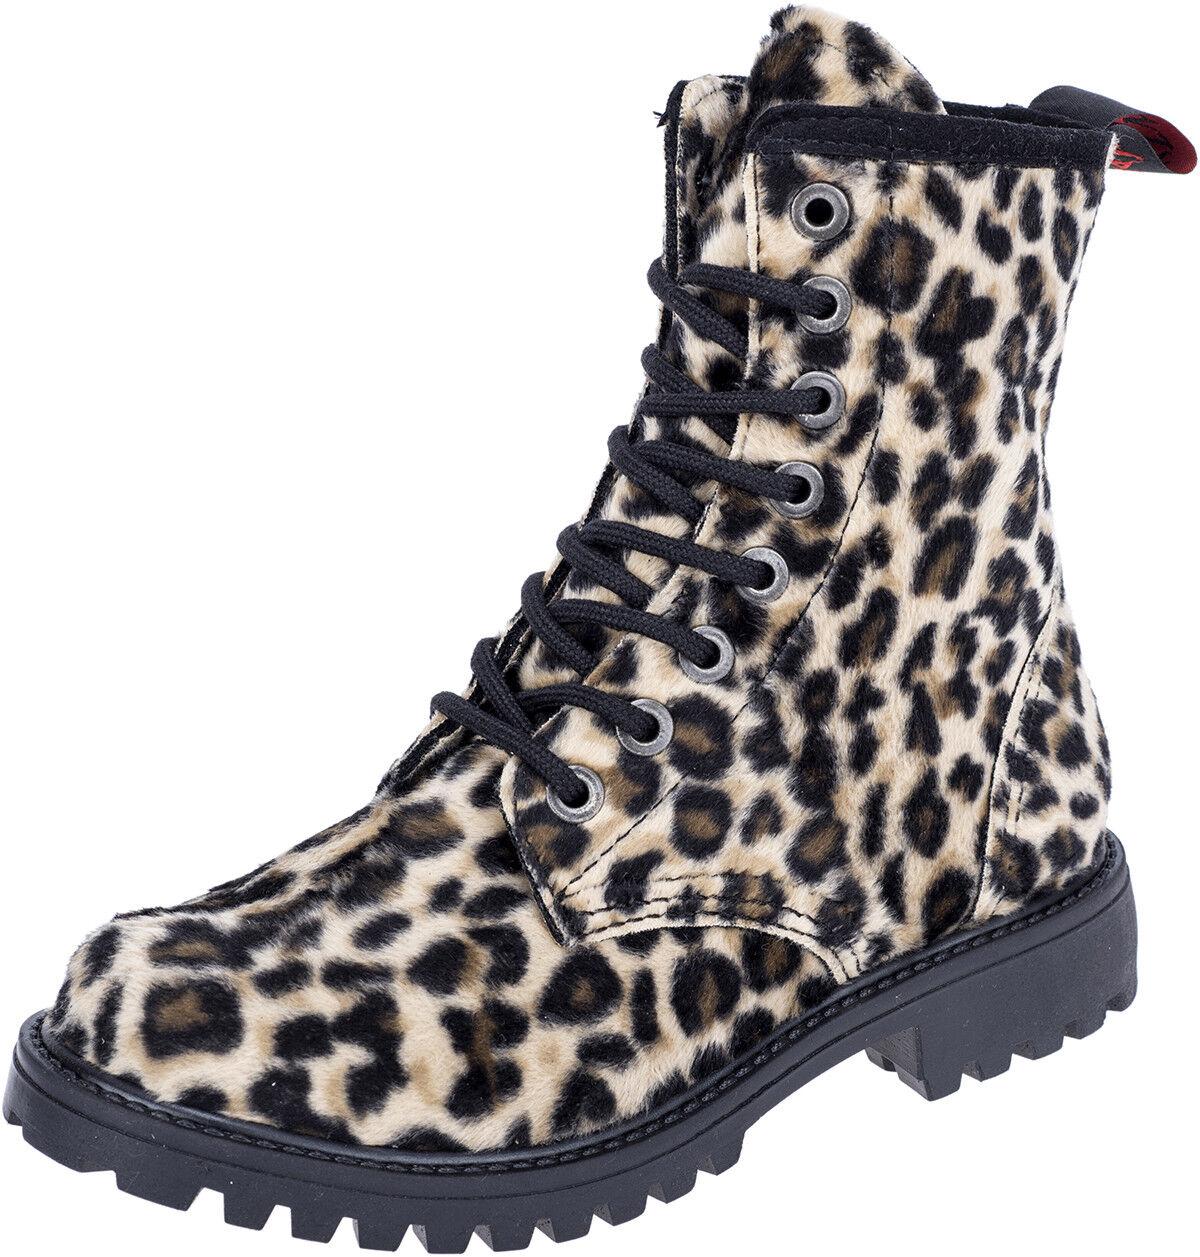 Aderlass Aderlass Aderlass FAKE FUR 8-Eye LEOPARD Stiefel STIEFEL Schuhe Rockabilly 95dd8d